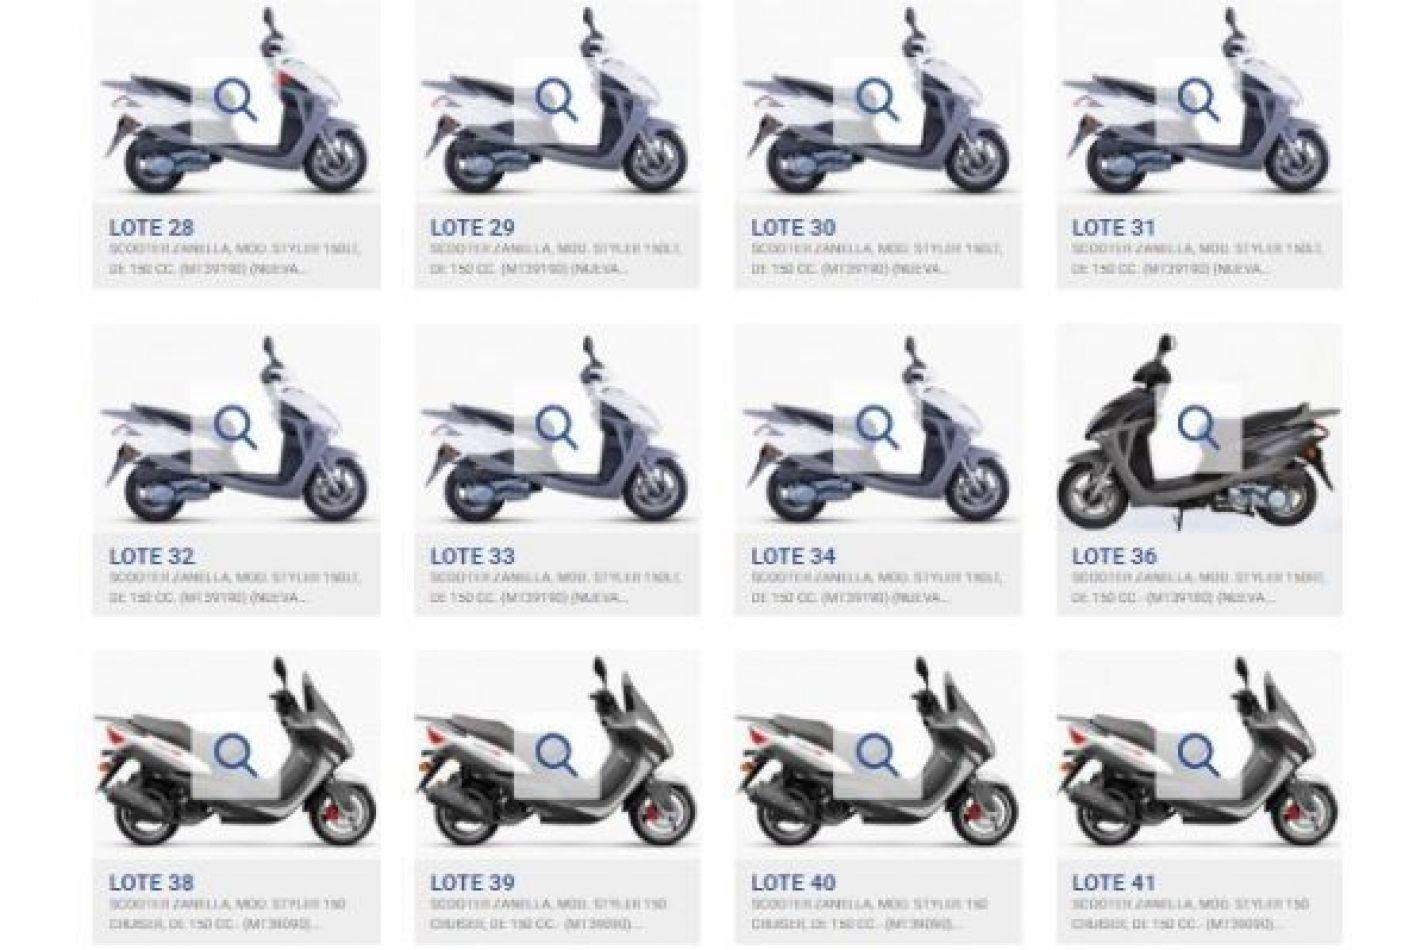 Zanella subasta 500 motos, cuatriciclos y hasta grupos electrógenos: cómo participar del remate